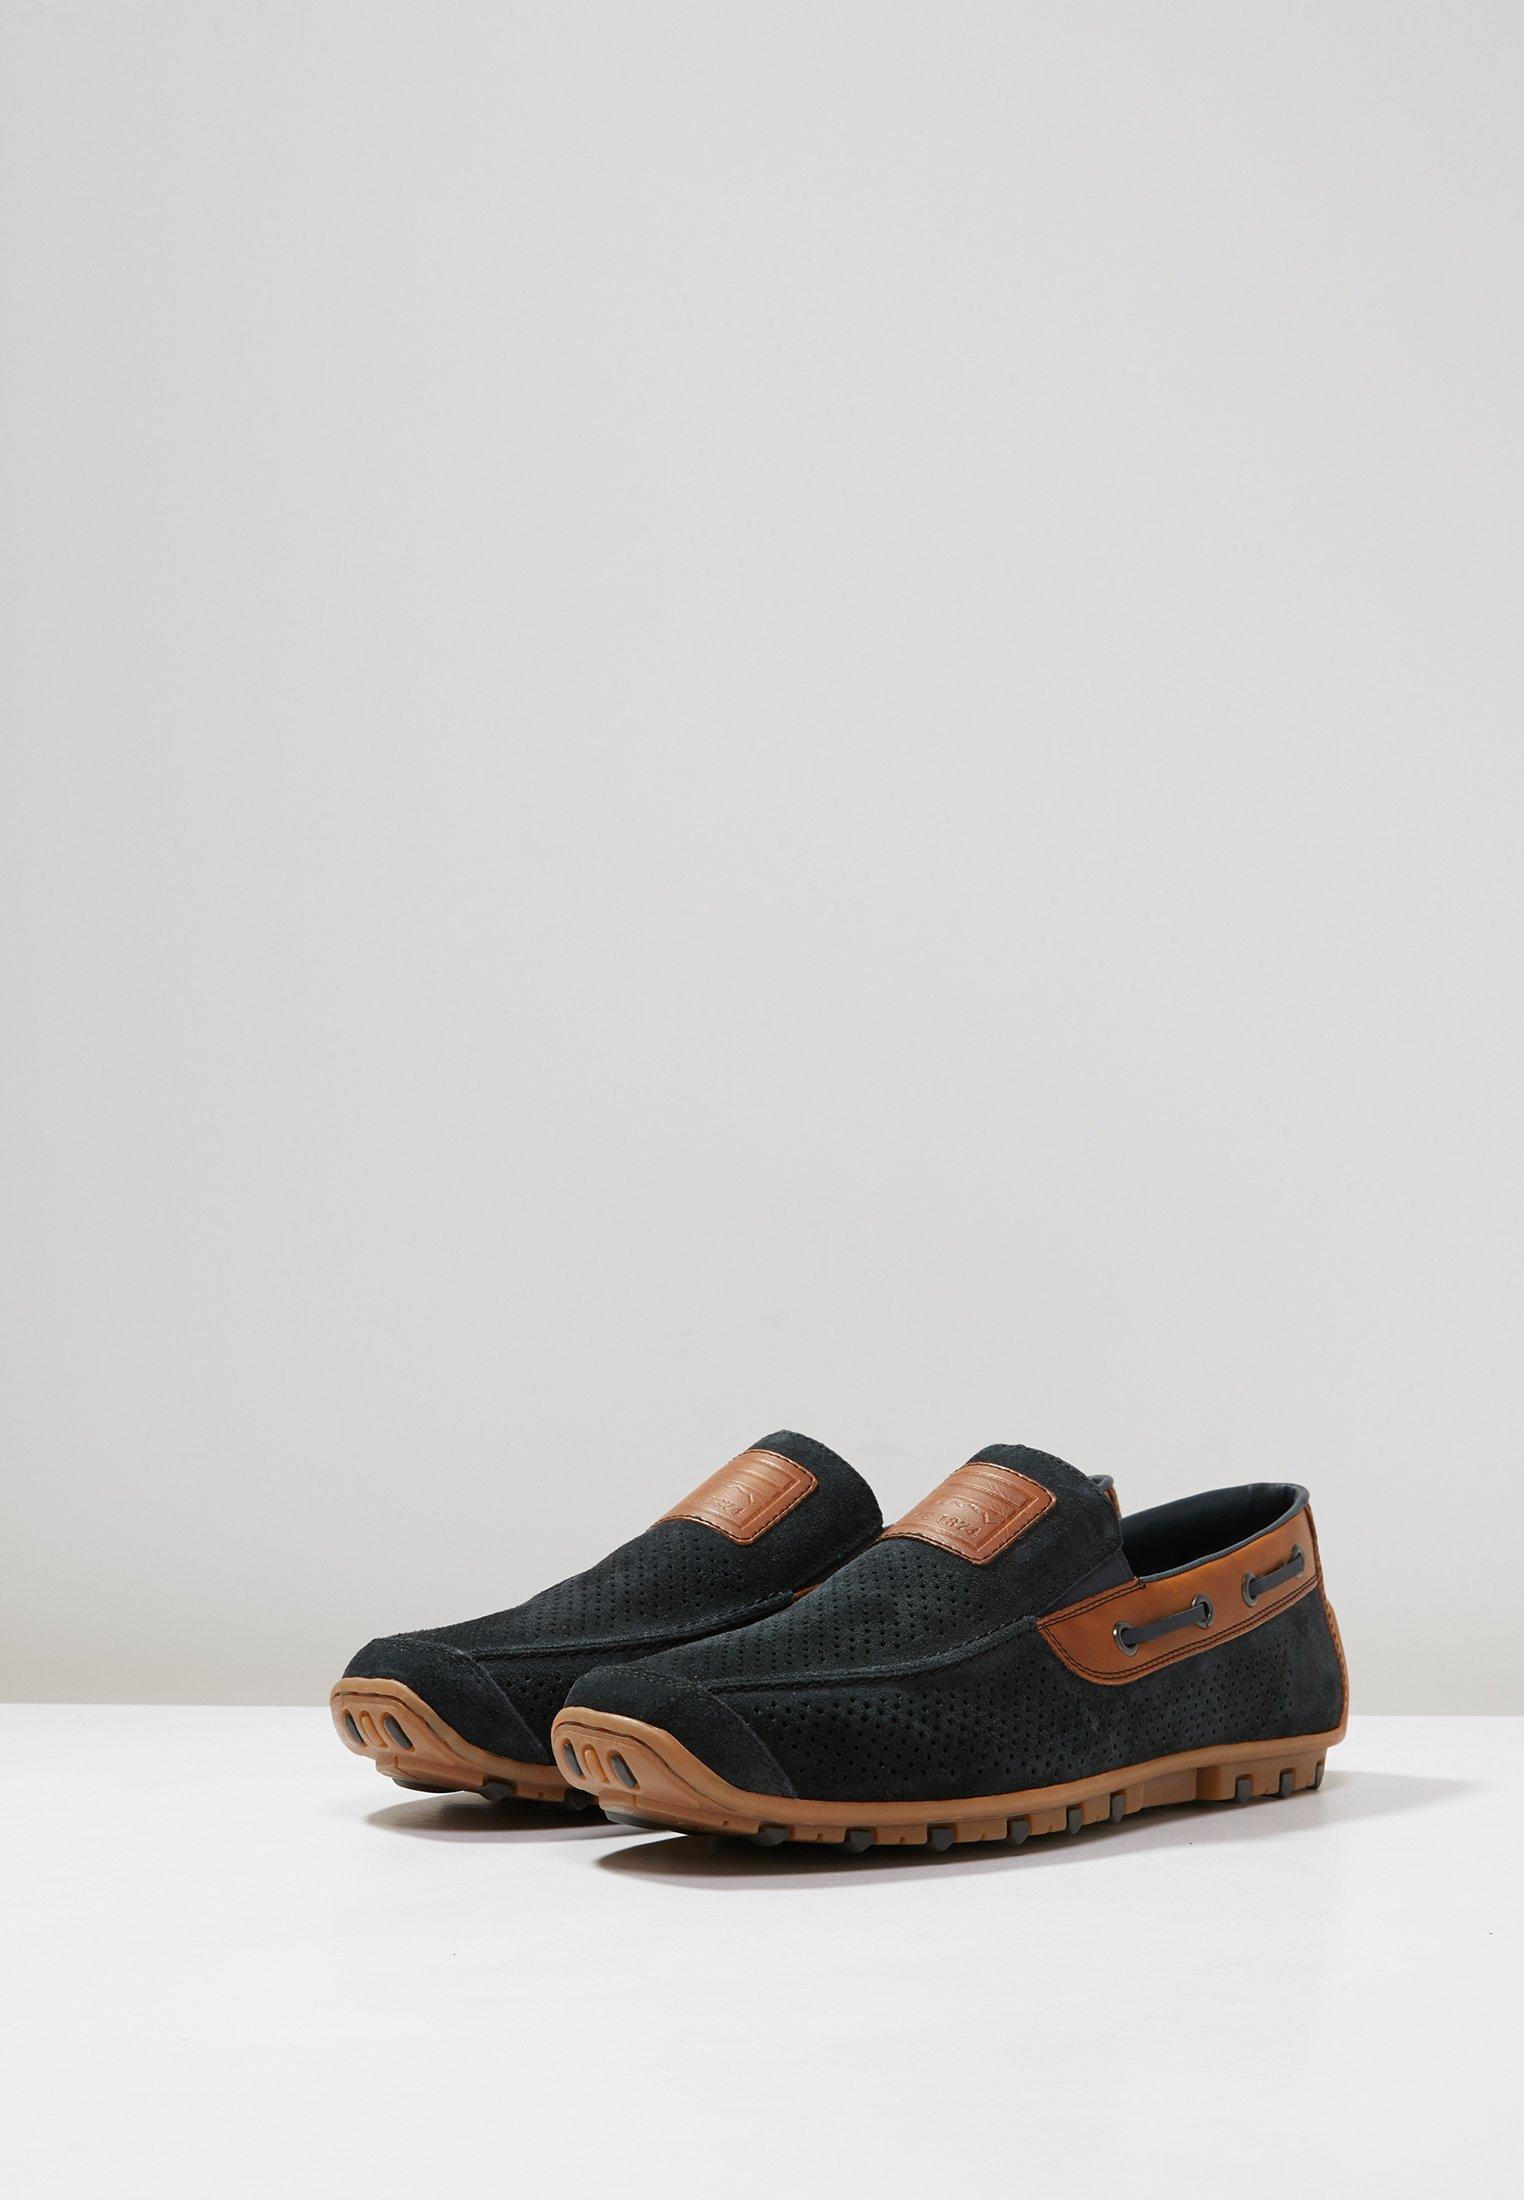 Rieker Loafers - pazifik/amaretto/navy